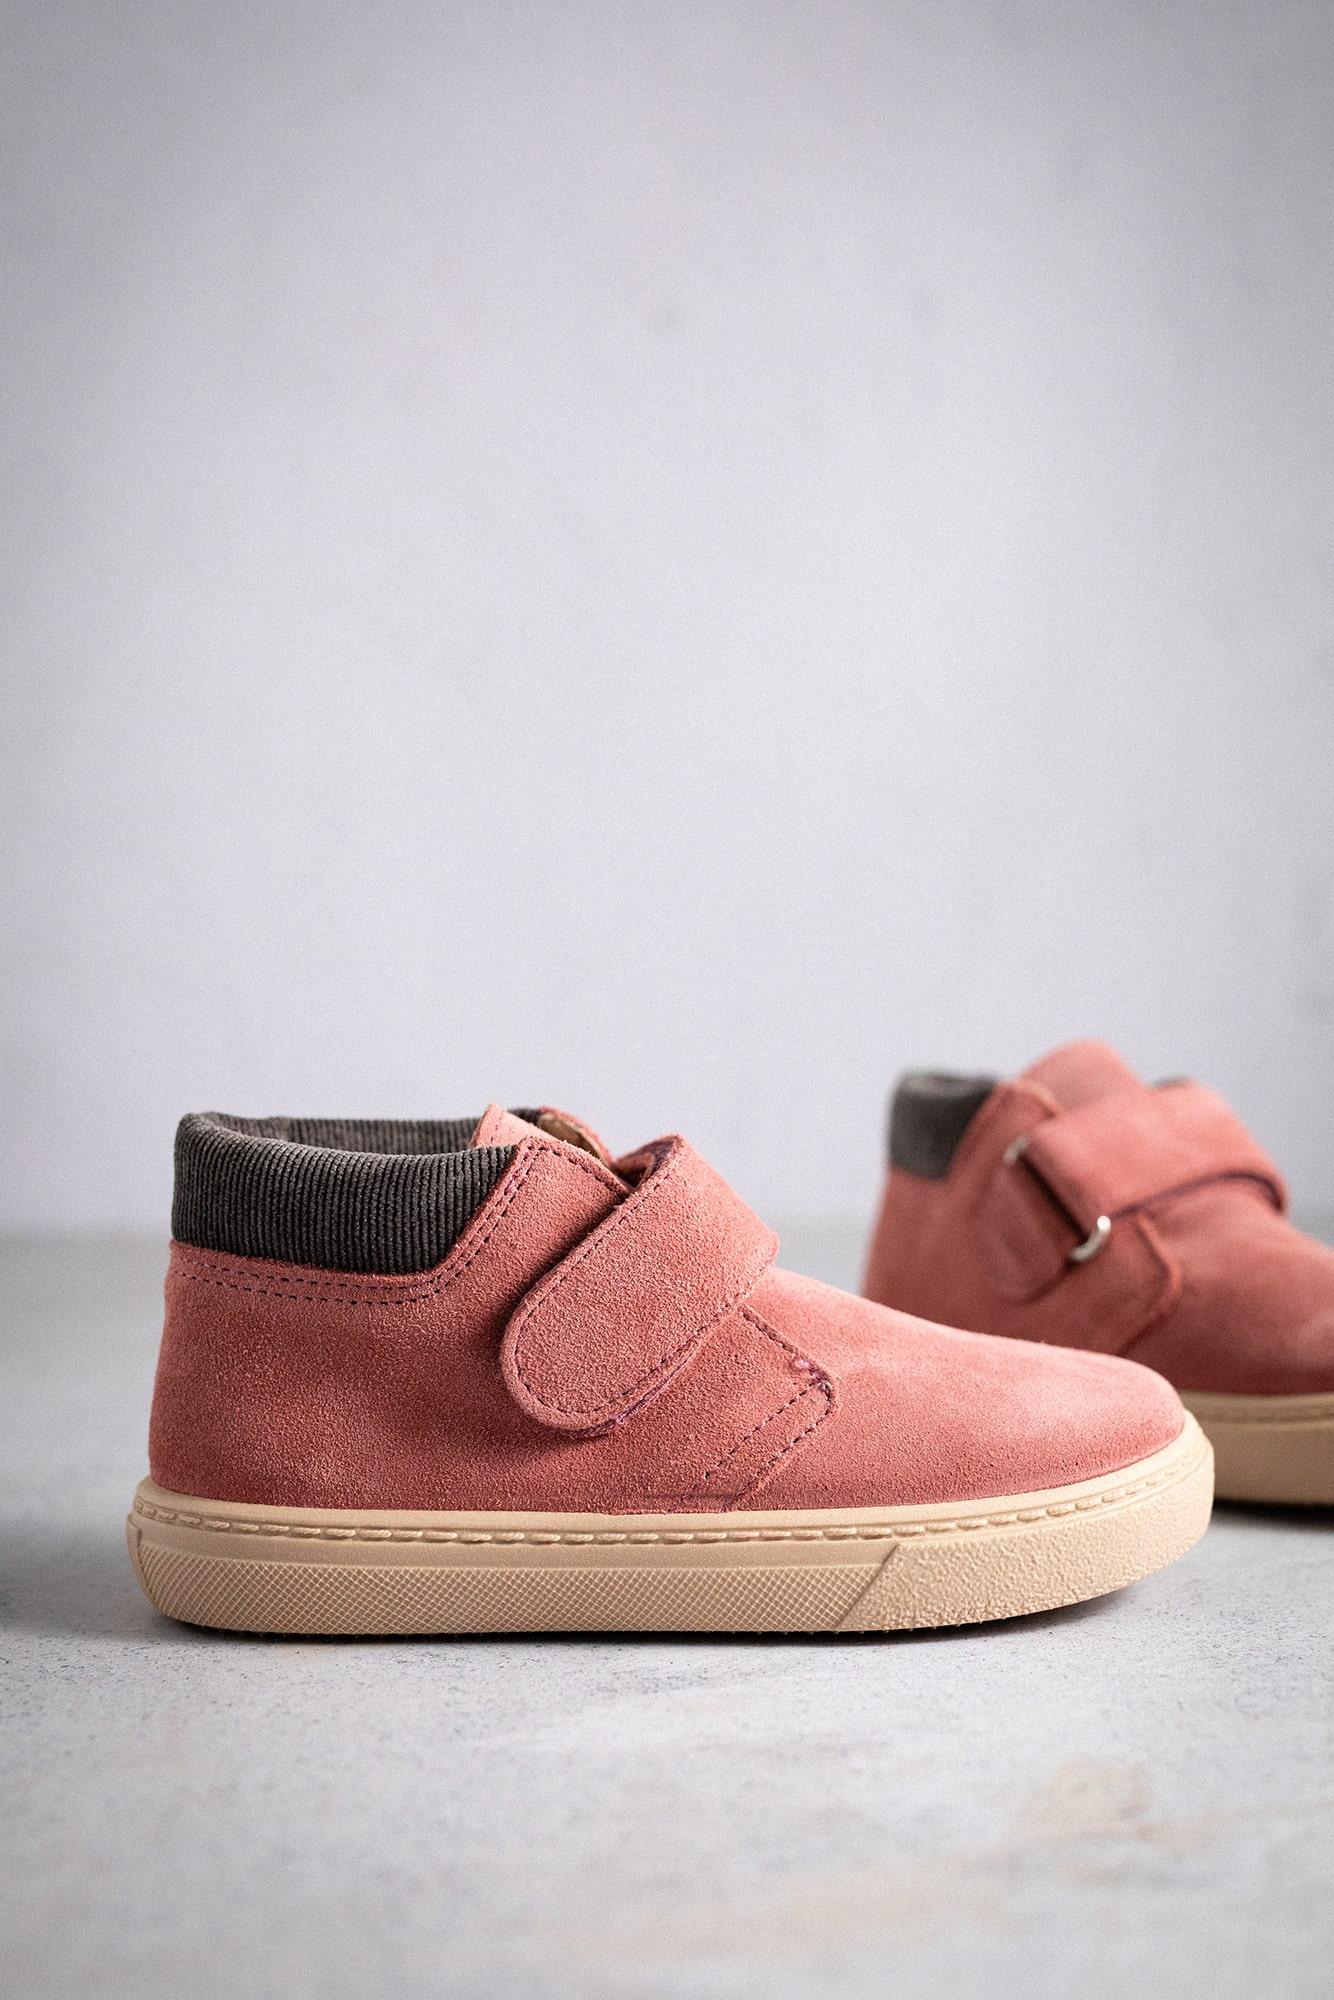 fotografía producto calzado